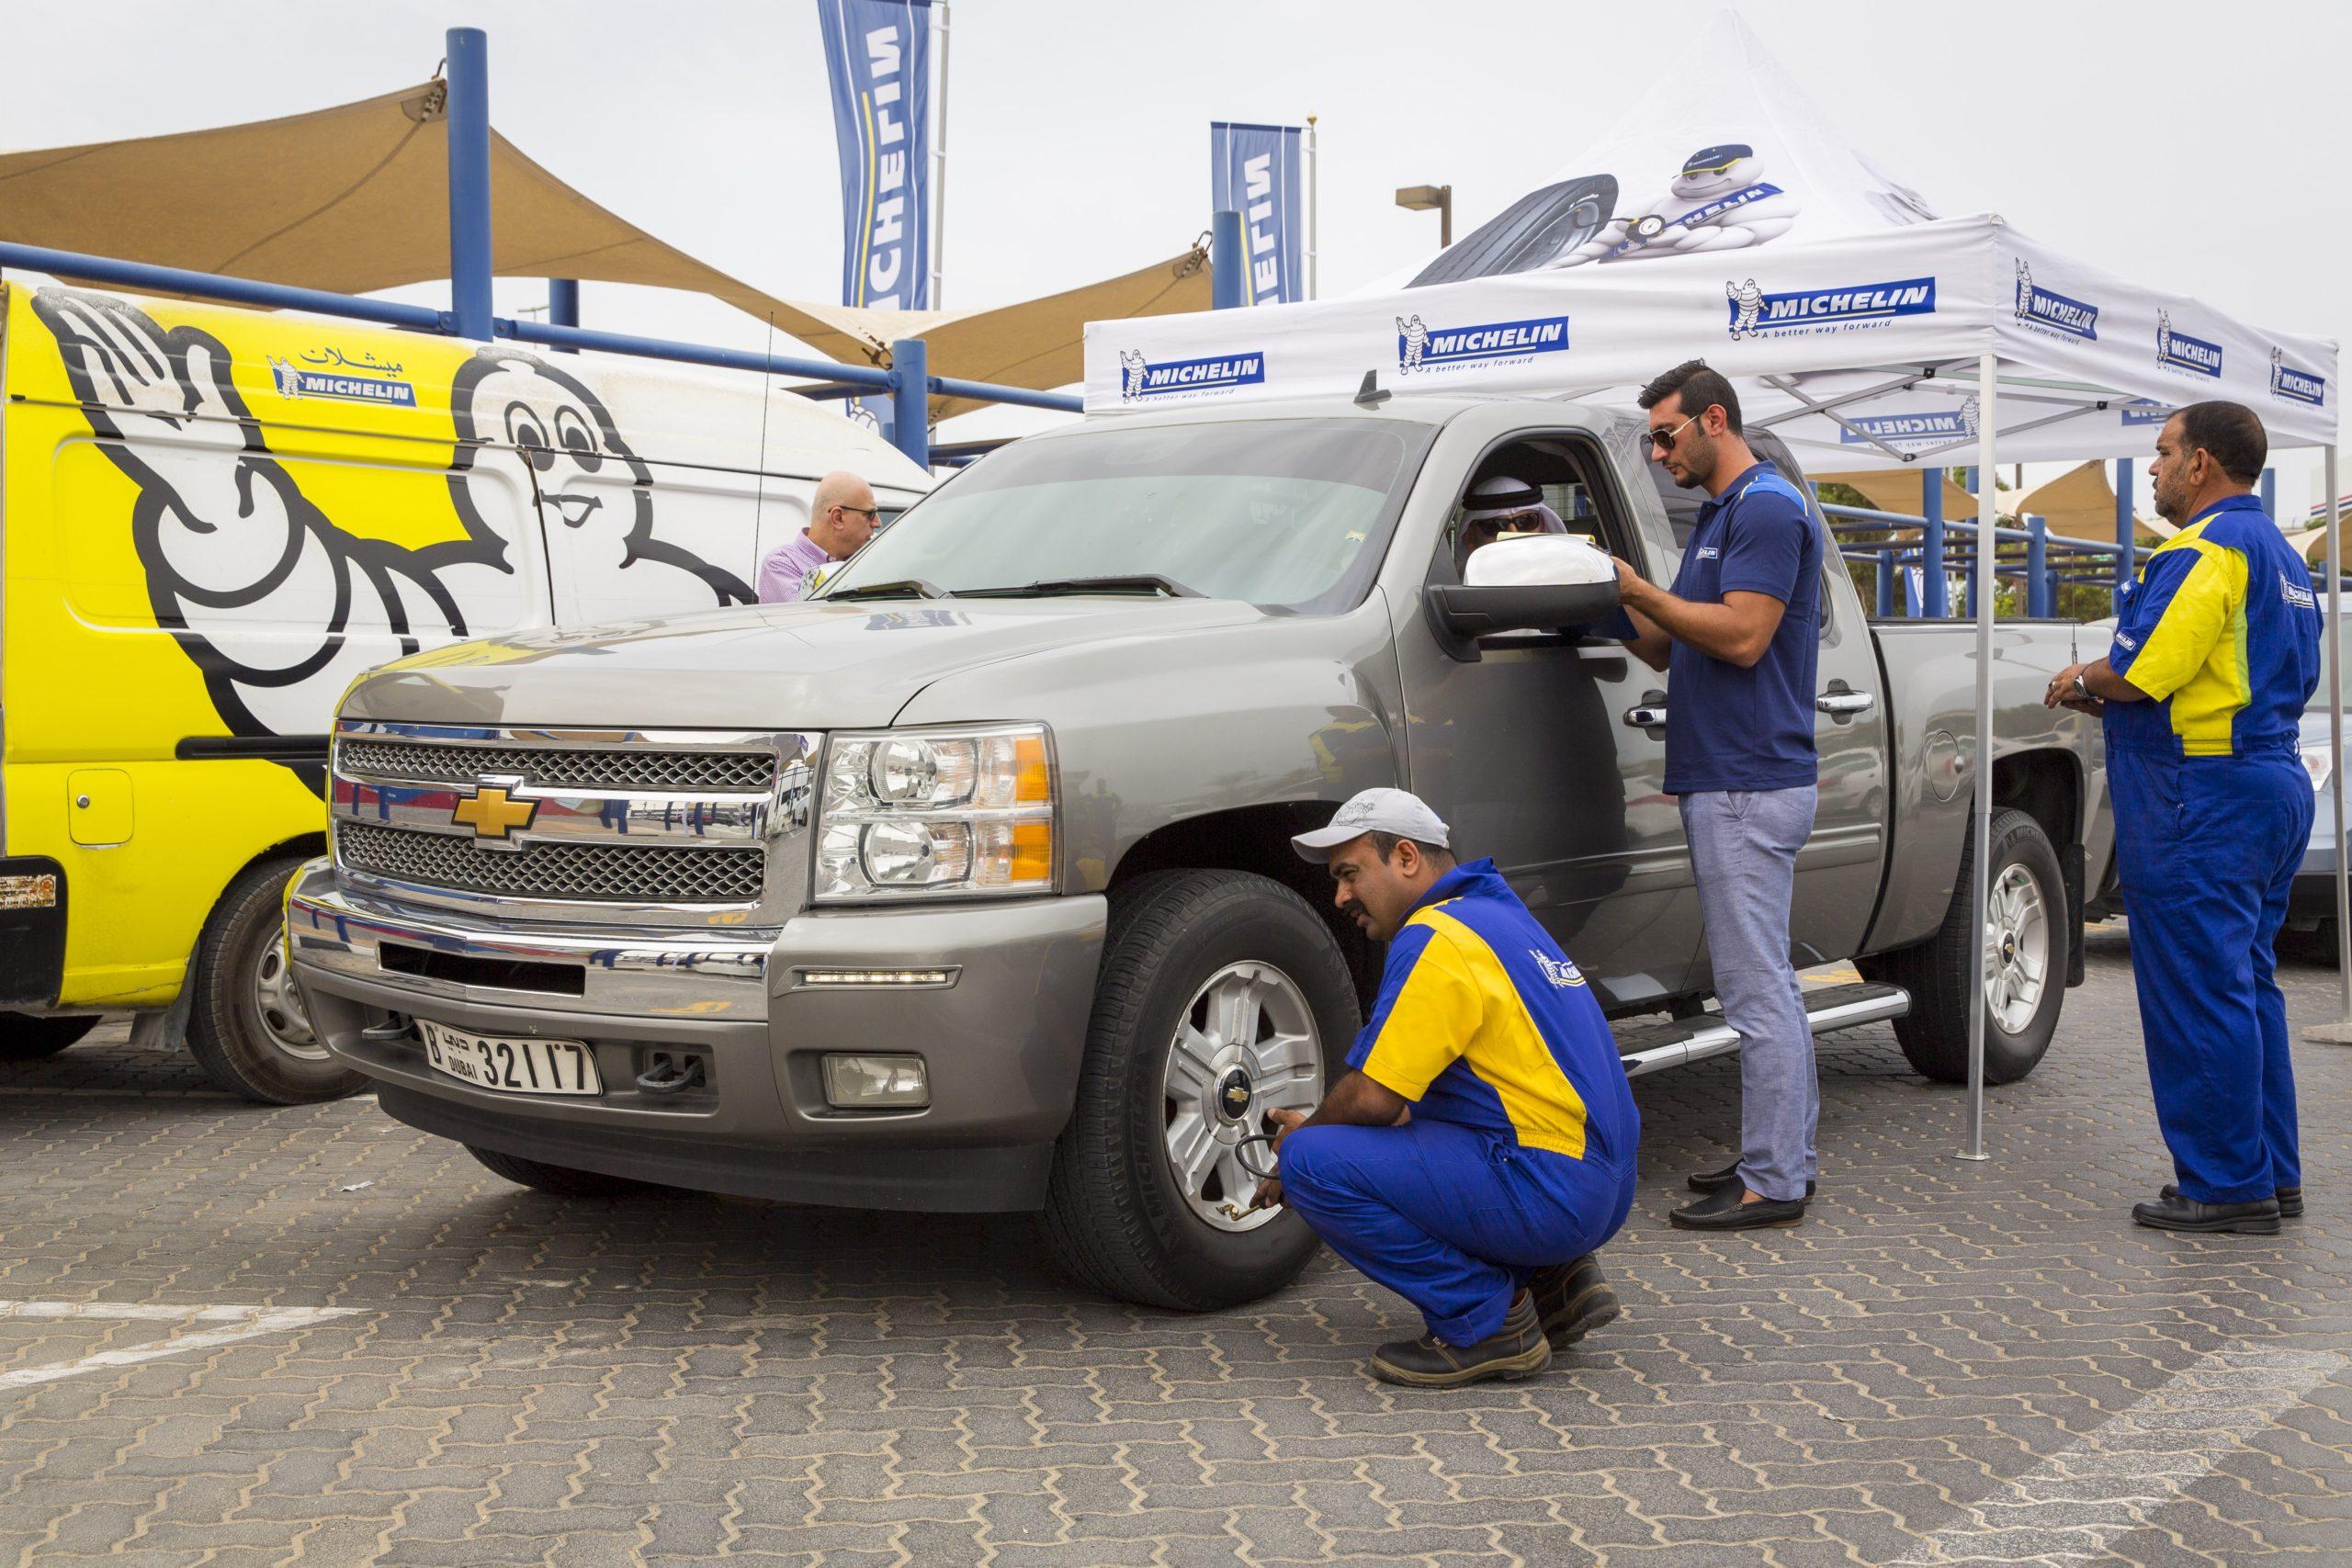 GM réclame plus de caoutchouc naturel dans ses pneumatiques